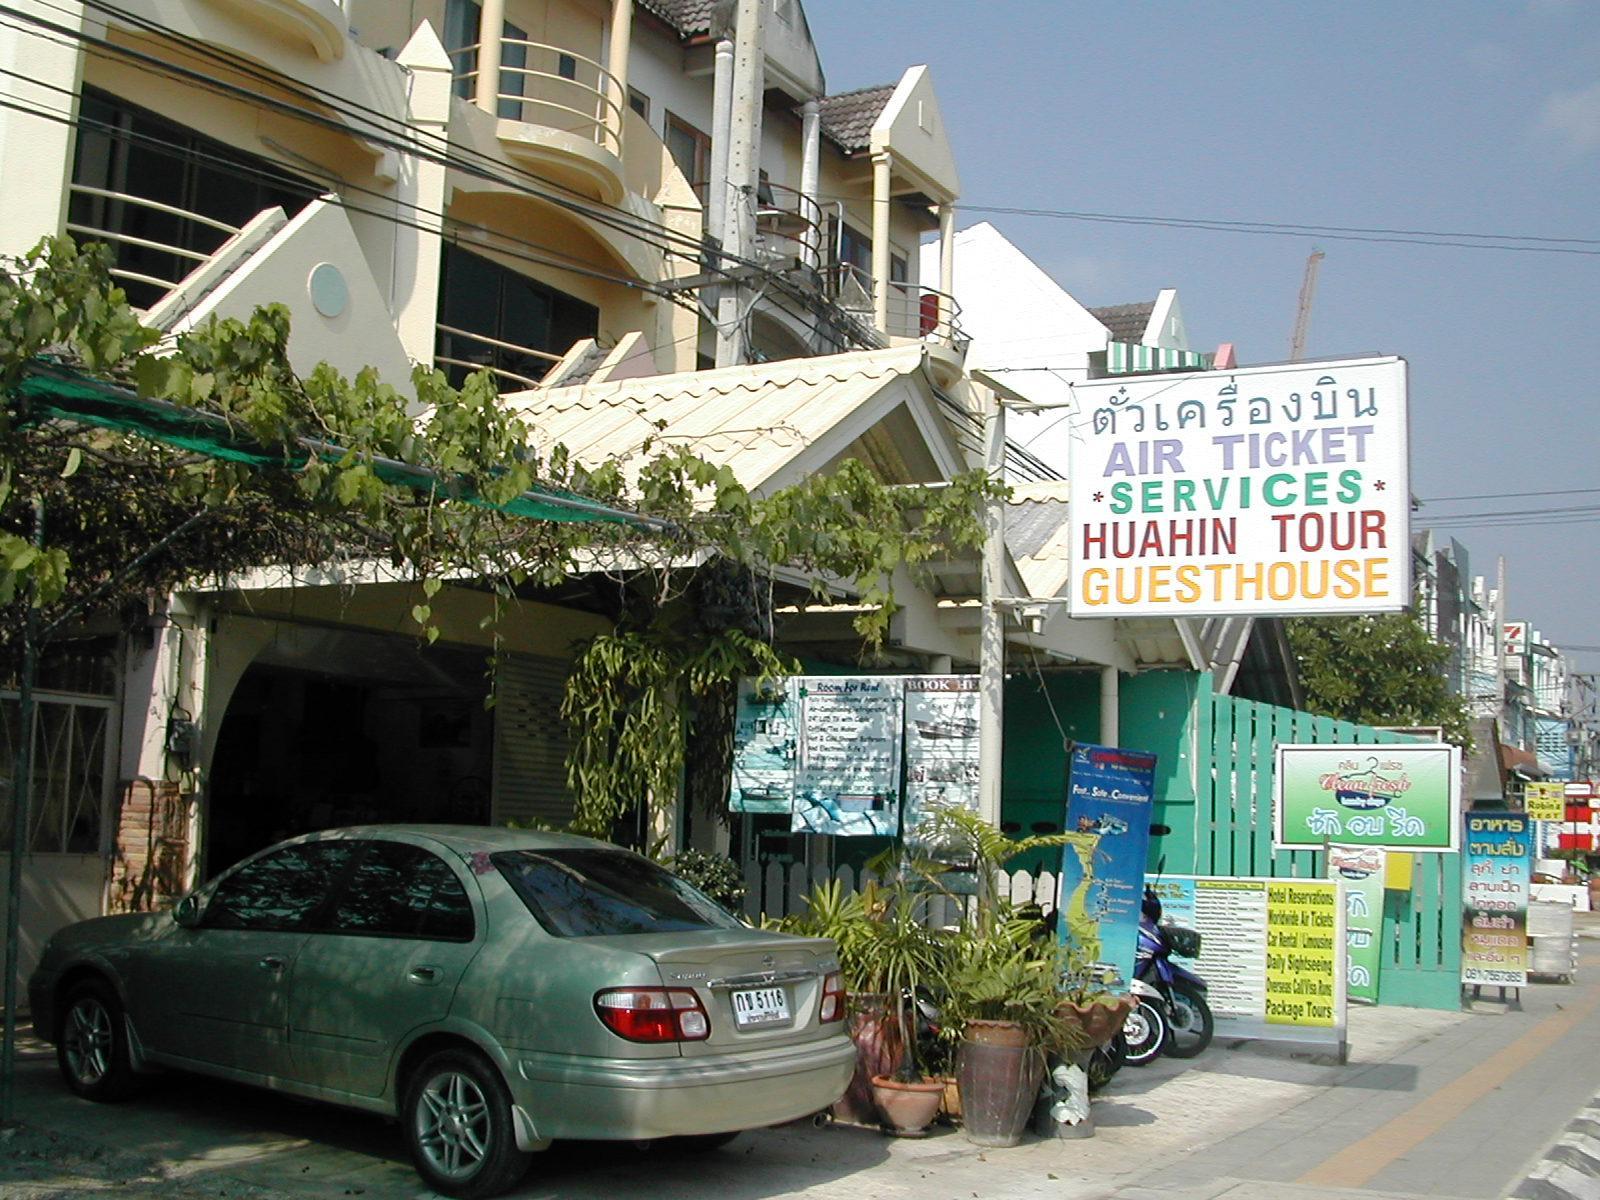 Hotell Hua Hin Tour Guest House i , Hua Hin / Cha-am. Klicka för att läsa mer och skicka bokningsförfrågan